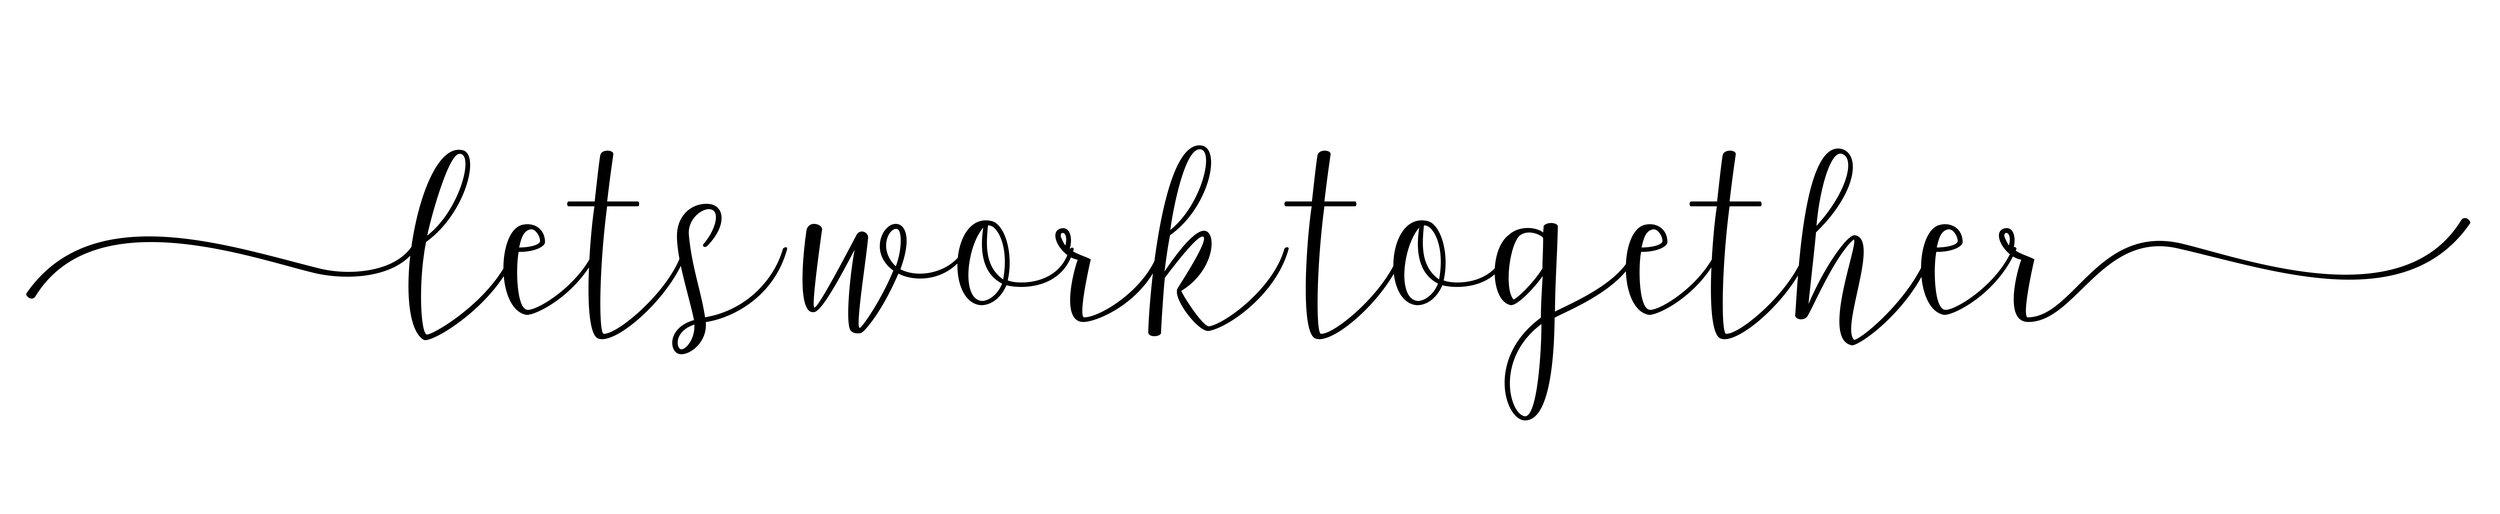 lets work together-01.jpg